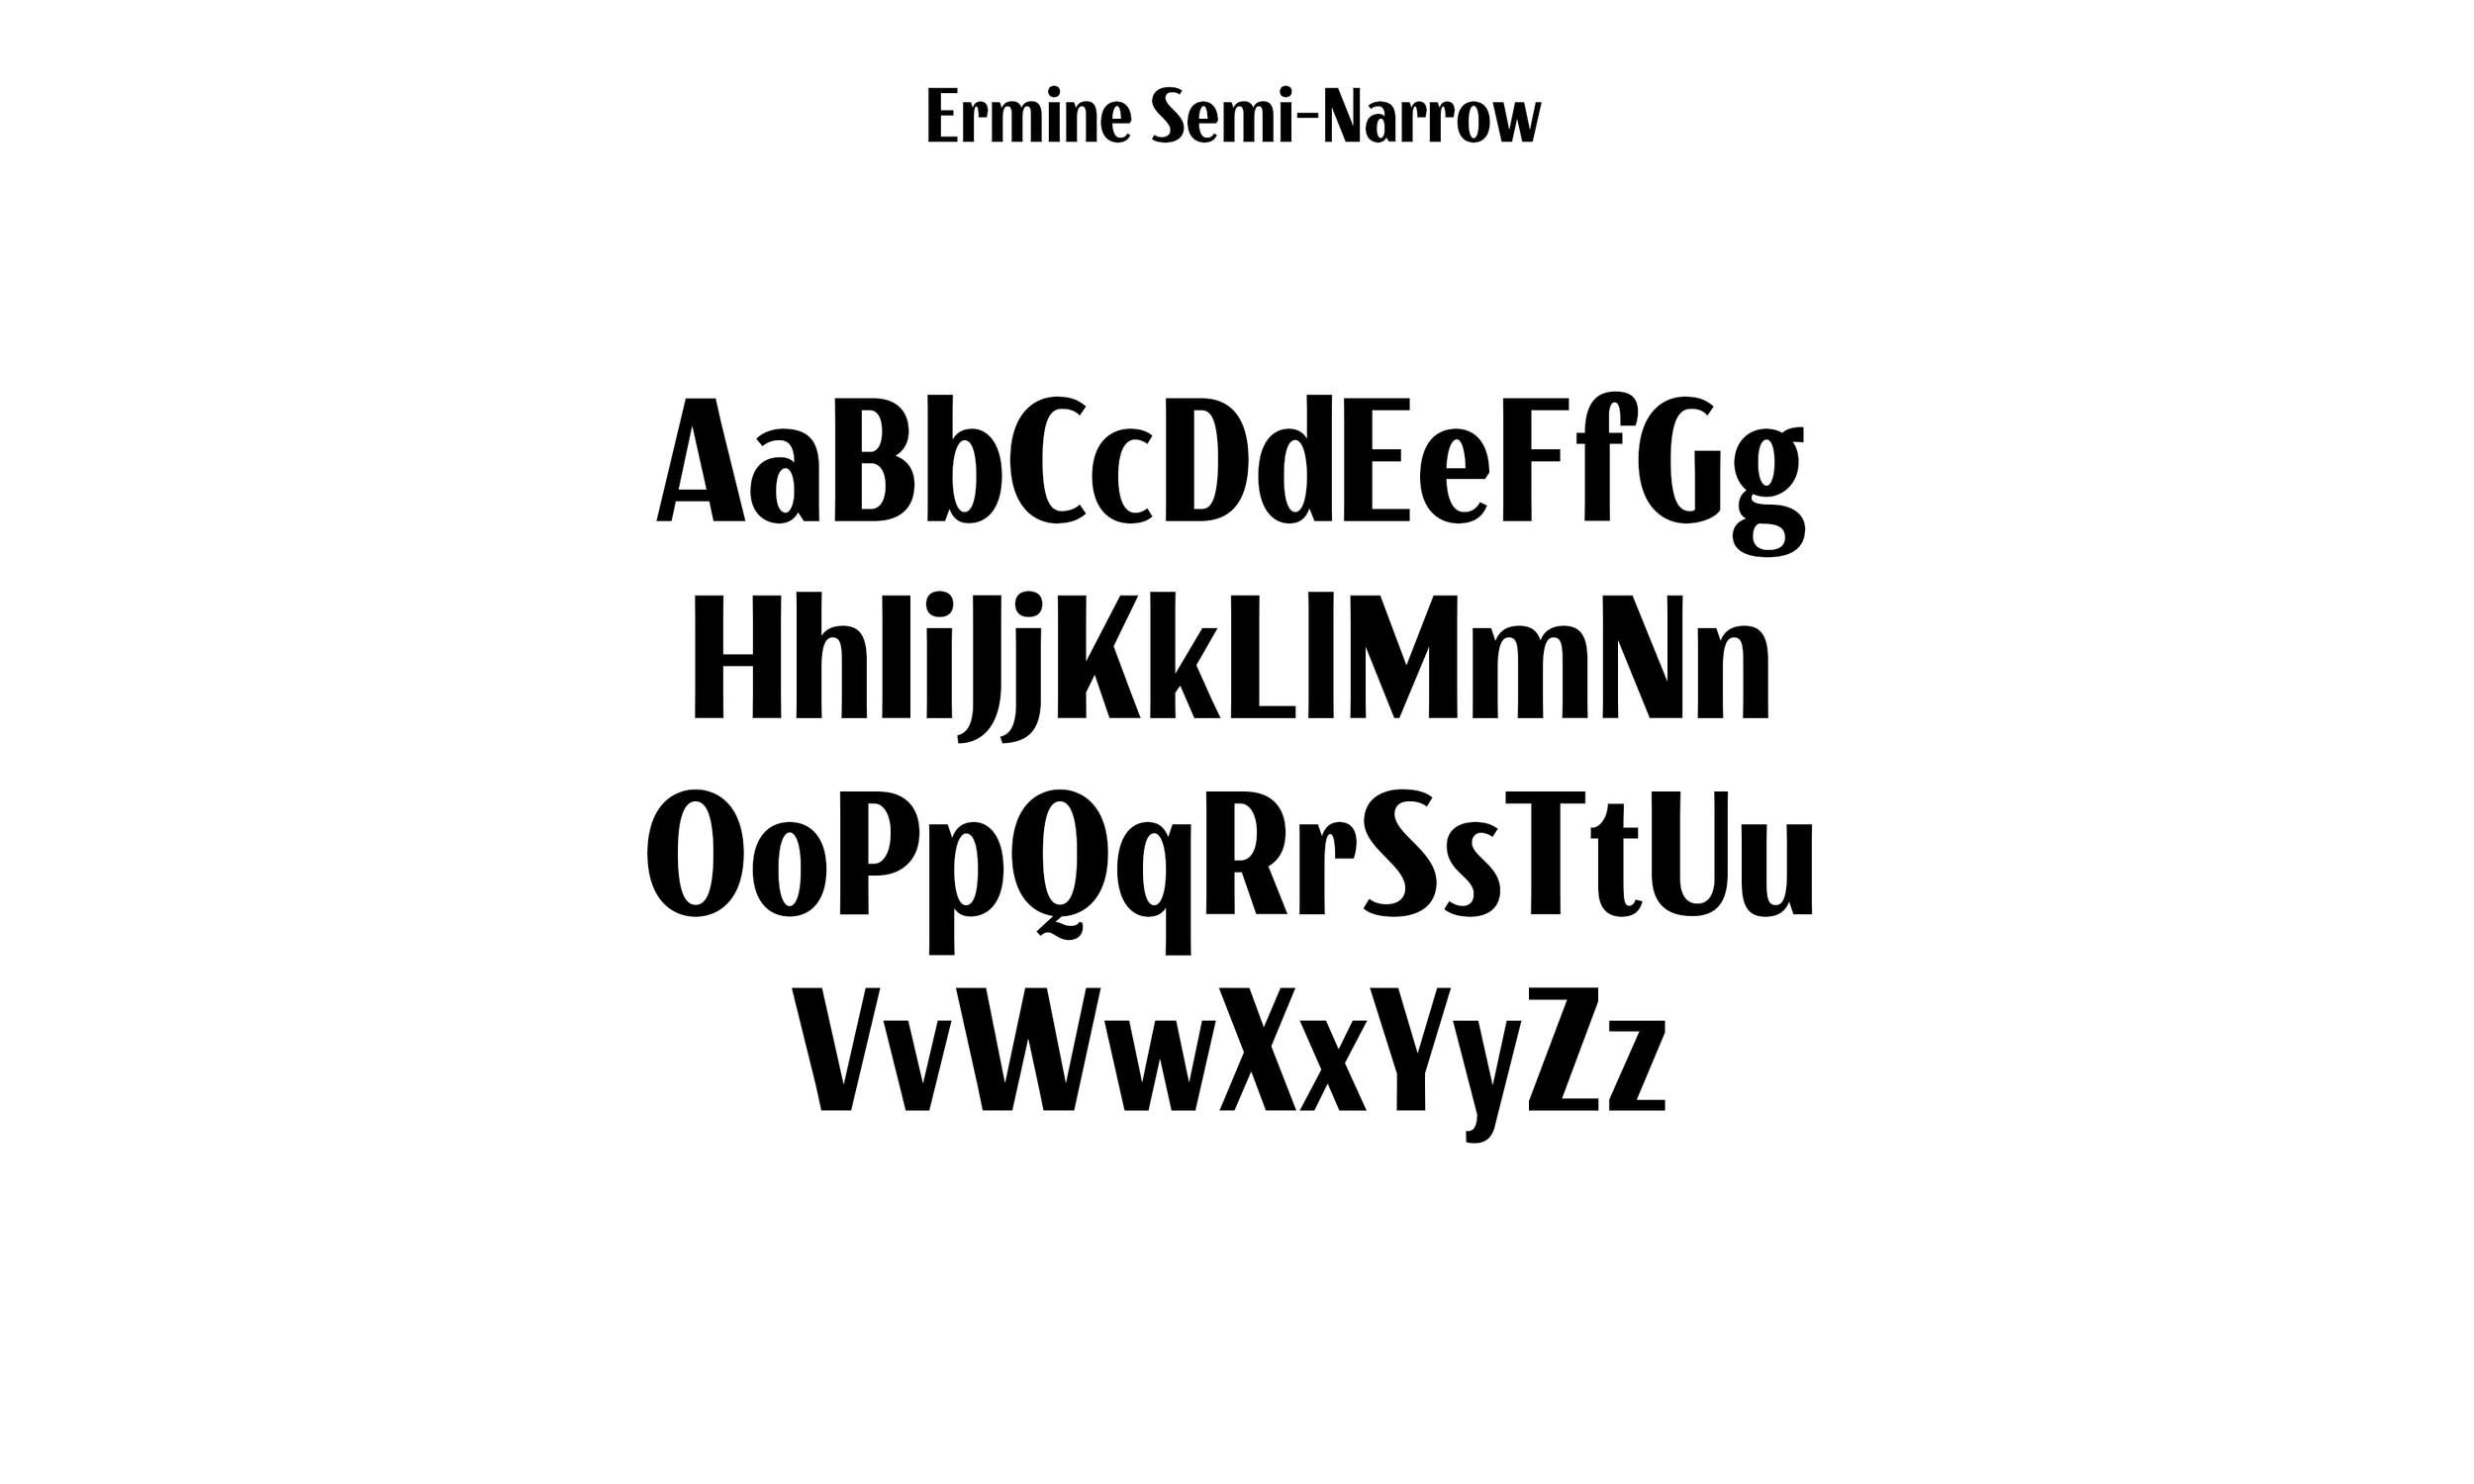 Badson_ErmineSemiNarrow_Slides4.jpg